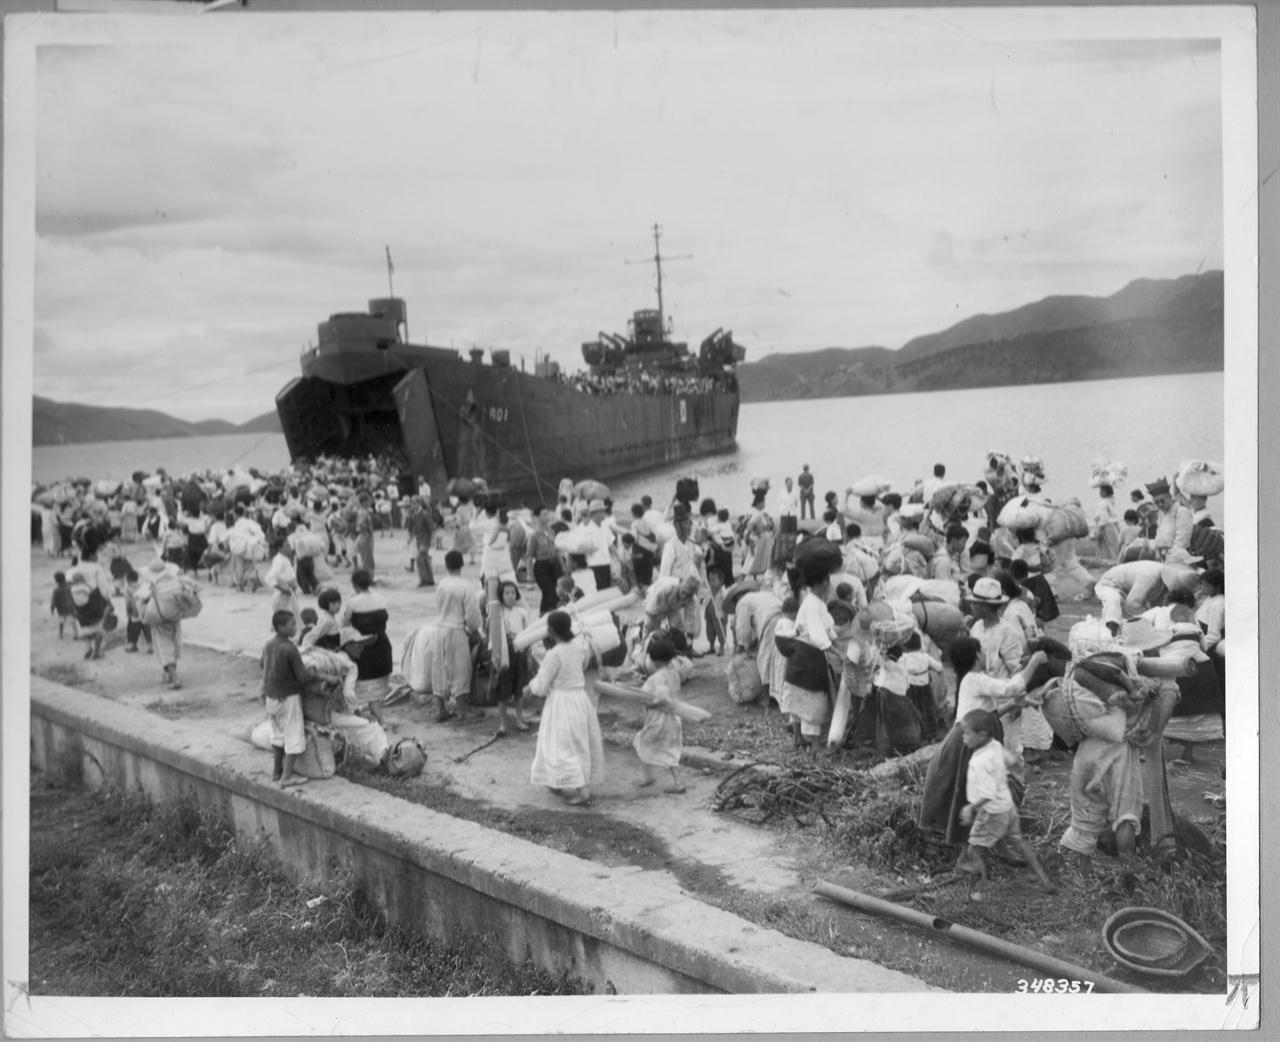 1950. 9. 마산, 피란민들이 섬으로 가고자 미 해군 상륙함(LST)에 오르고 있다.